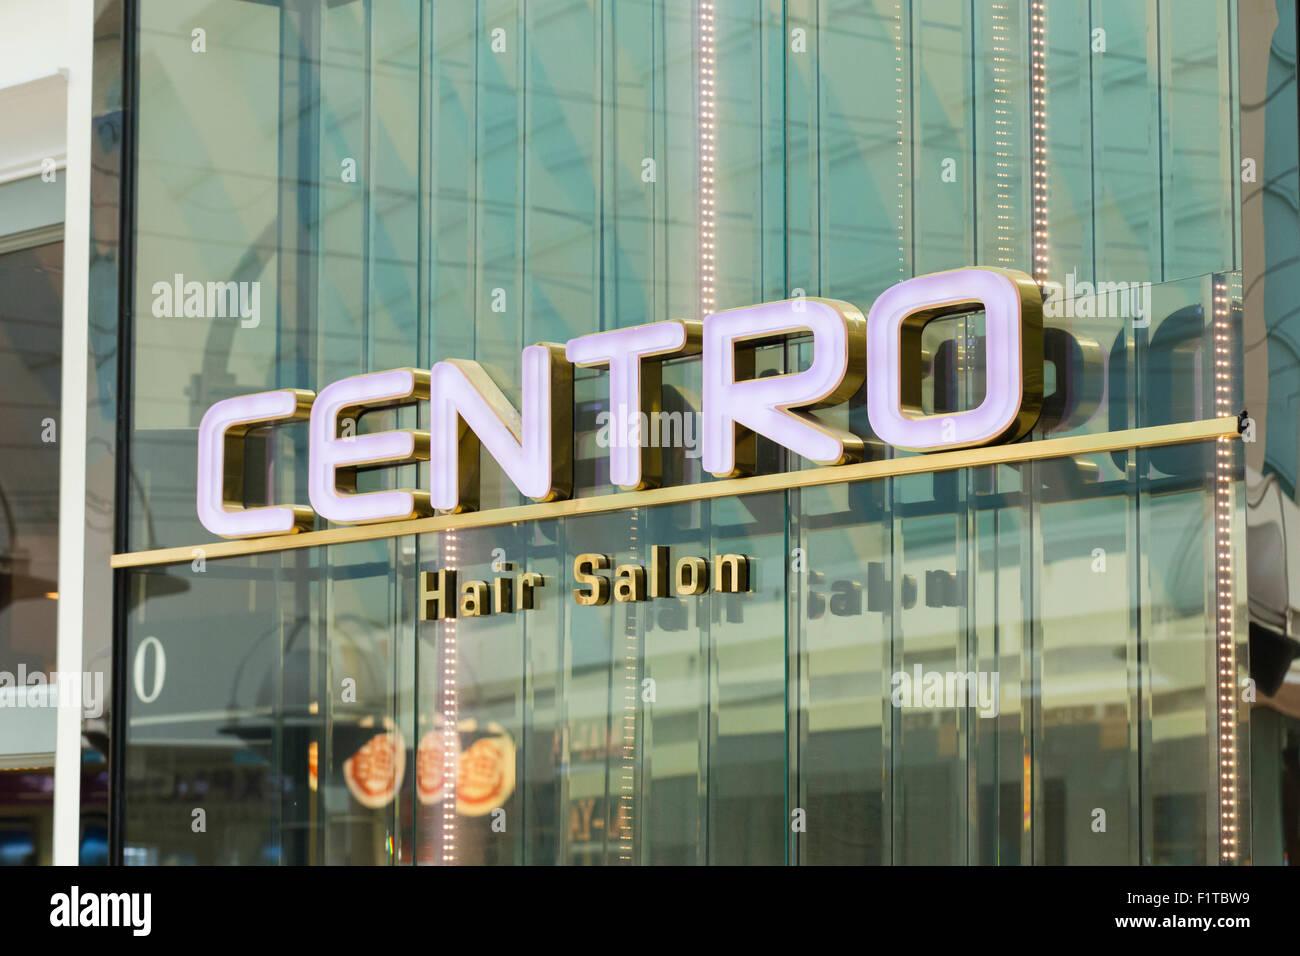 Centro hair salon logo - Stock Image